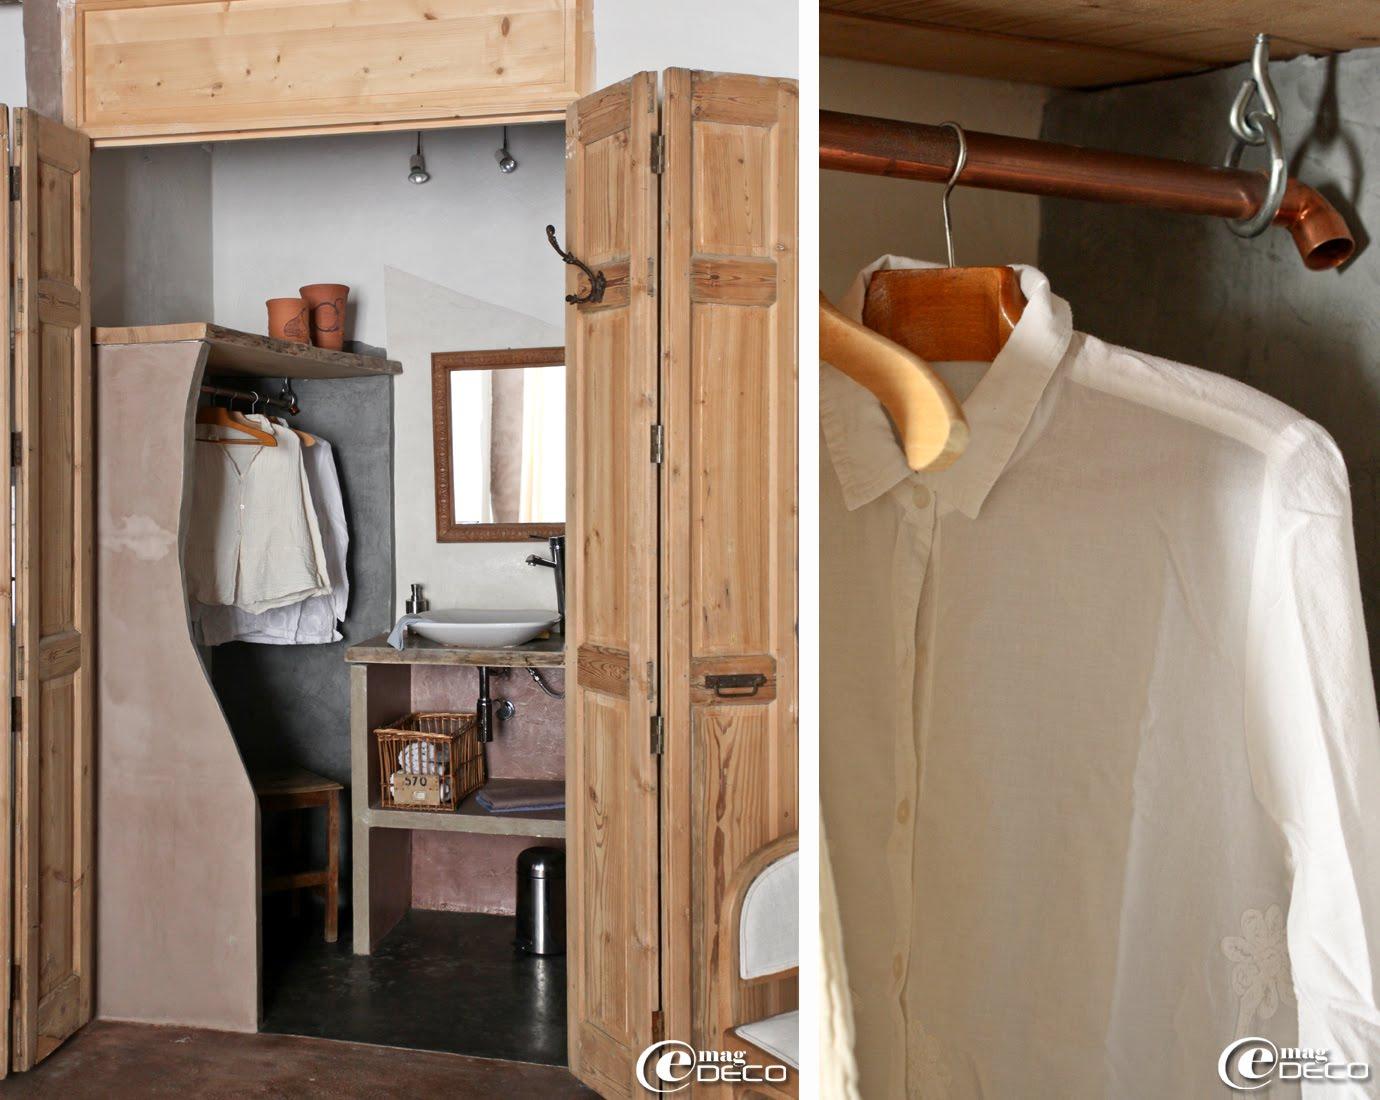 Penderie et meuble de lavabo en béton ciré conçus par Esprit d'Uzès